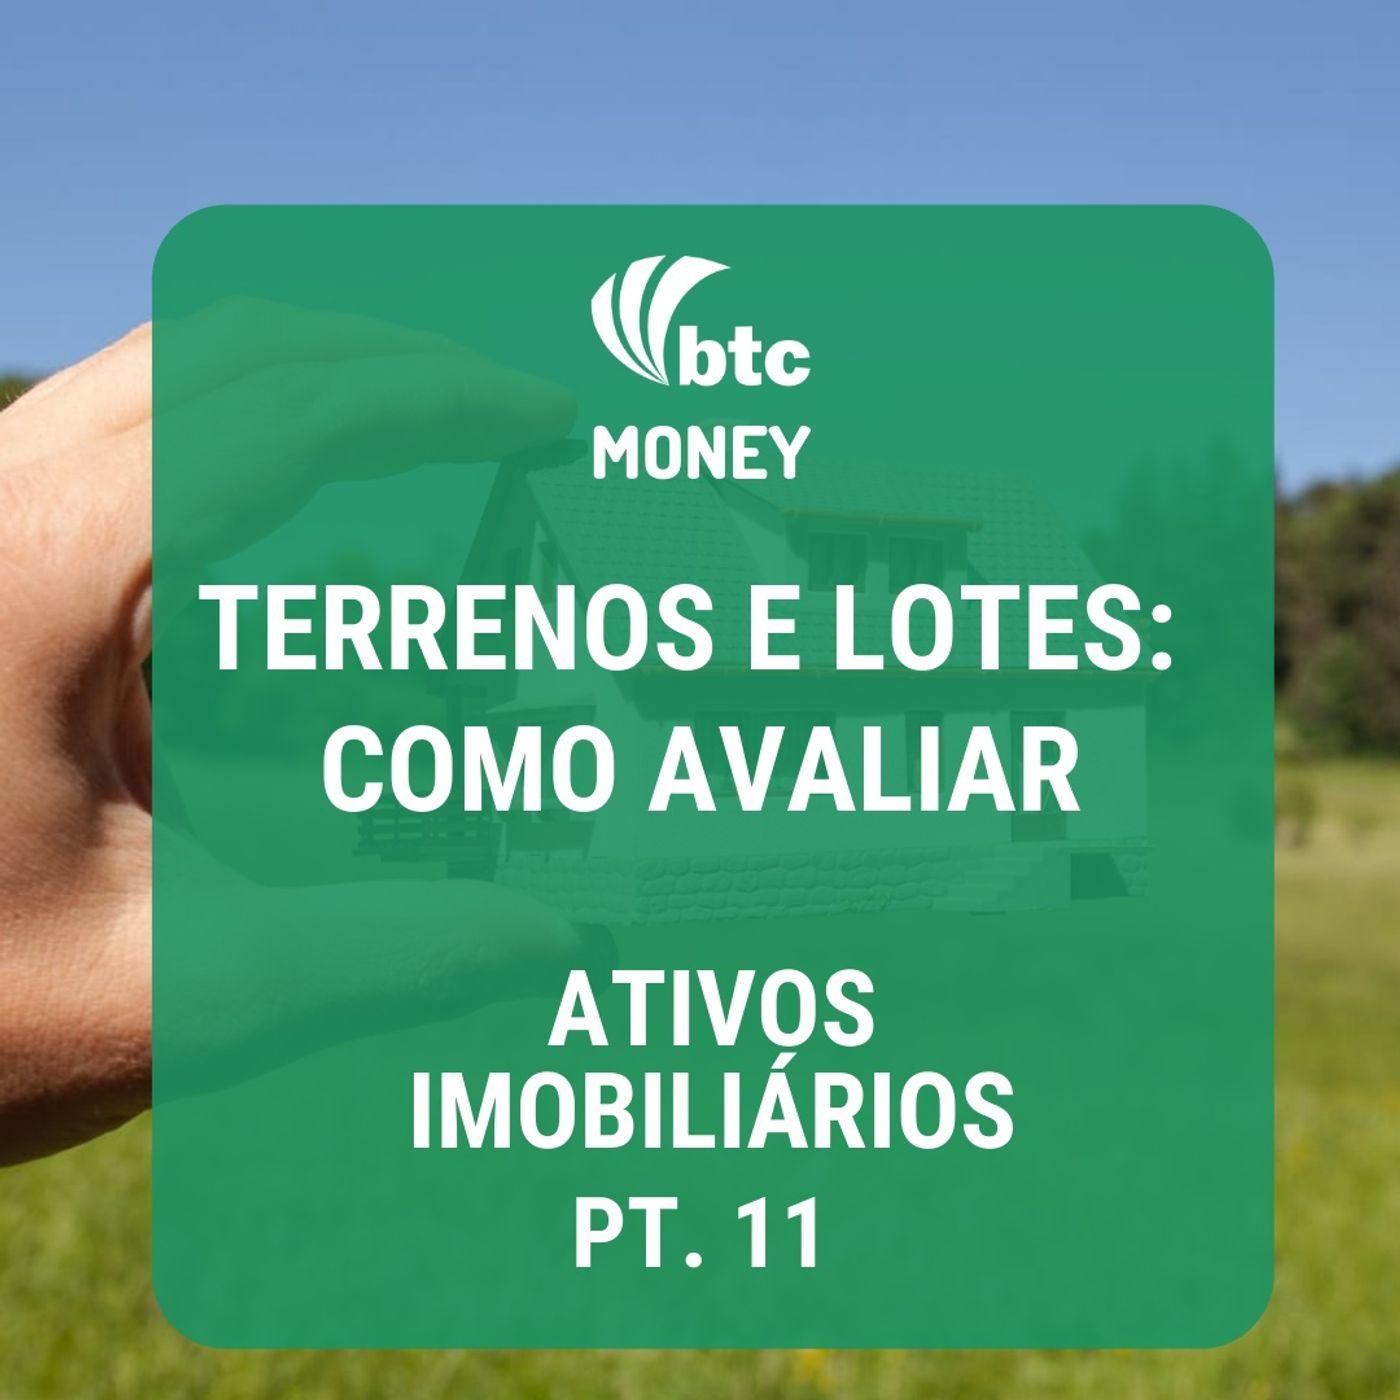 Terrenos e Lotes: Como Avaliar - Ativos Imobiliários pt. 11 | BTC Money #28